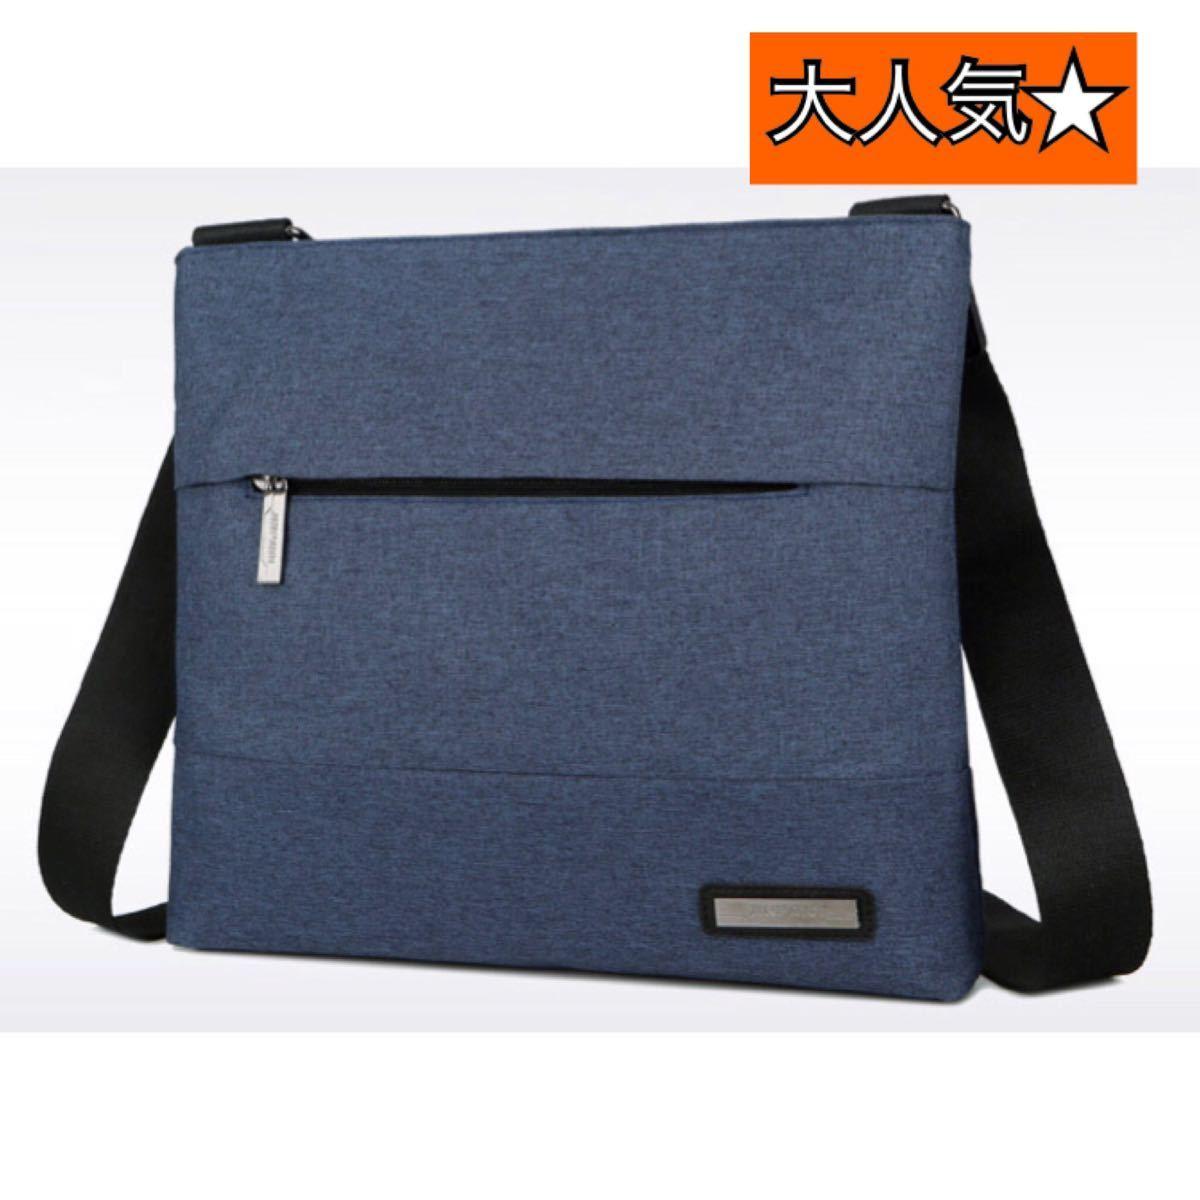 メンズバッグ ショルダーバッグ ビジネスバッグ ネイビー スーツバッグ iPad メッセンジャーバッグ